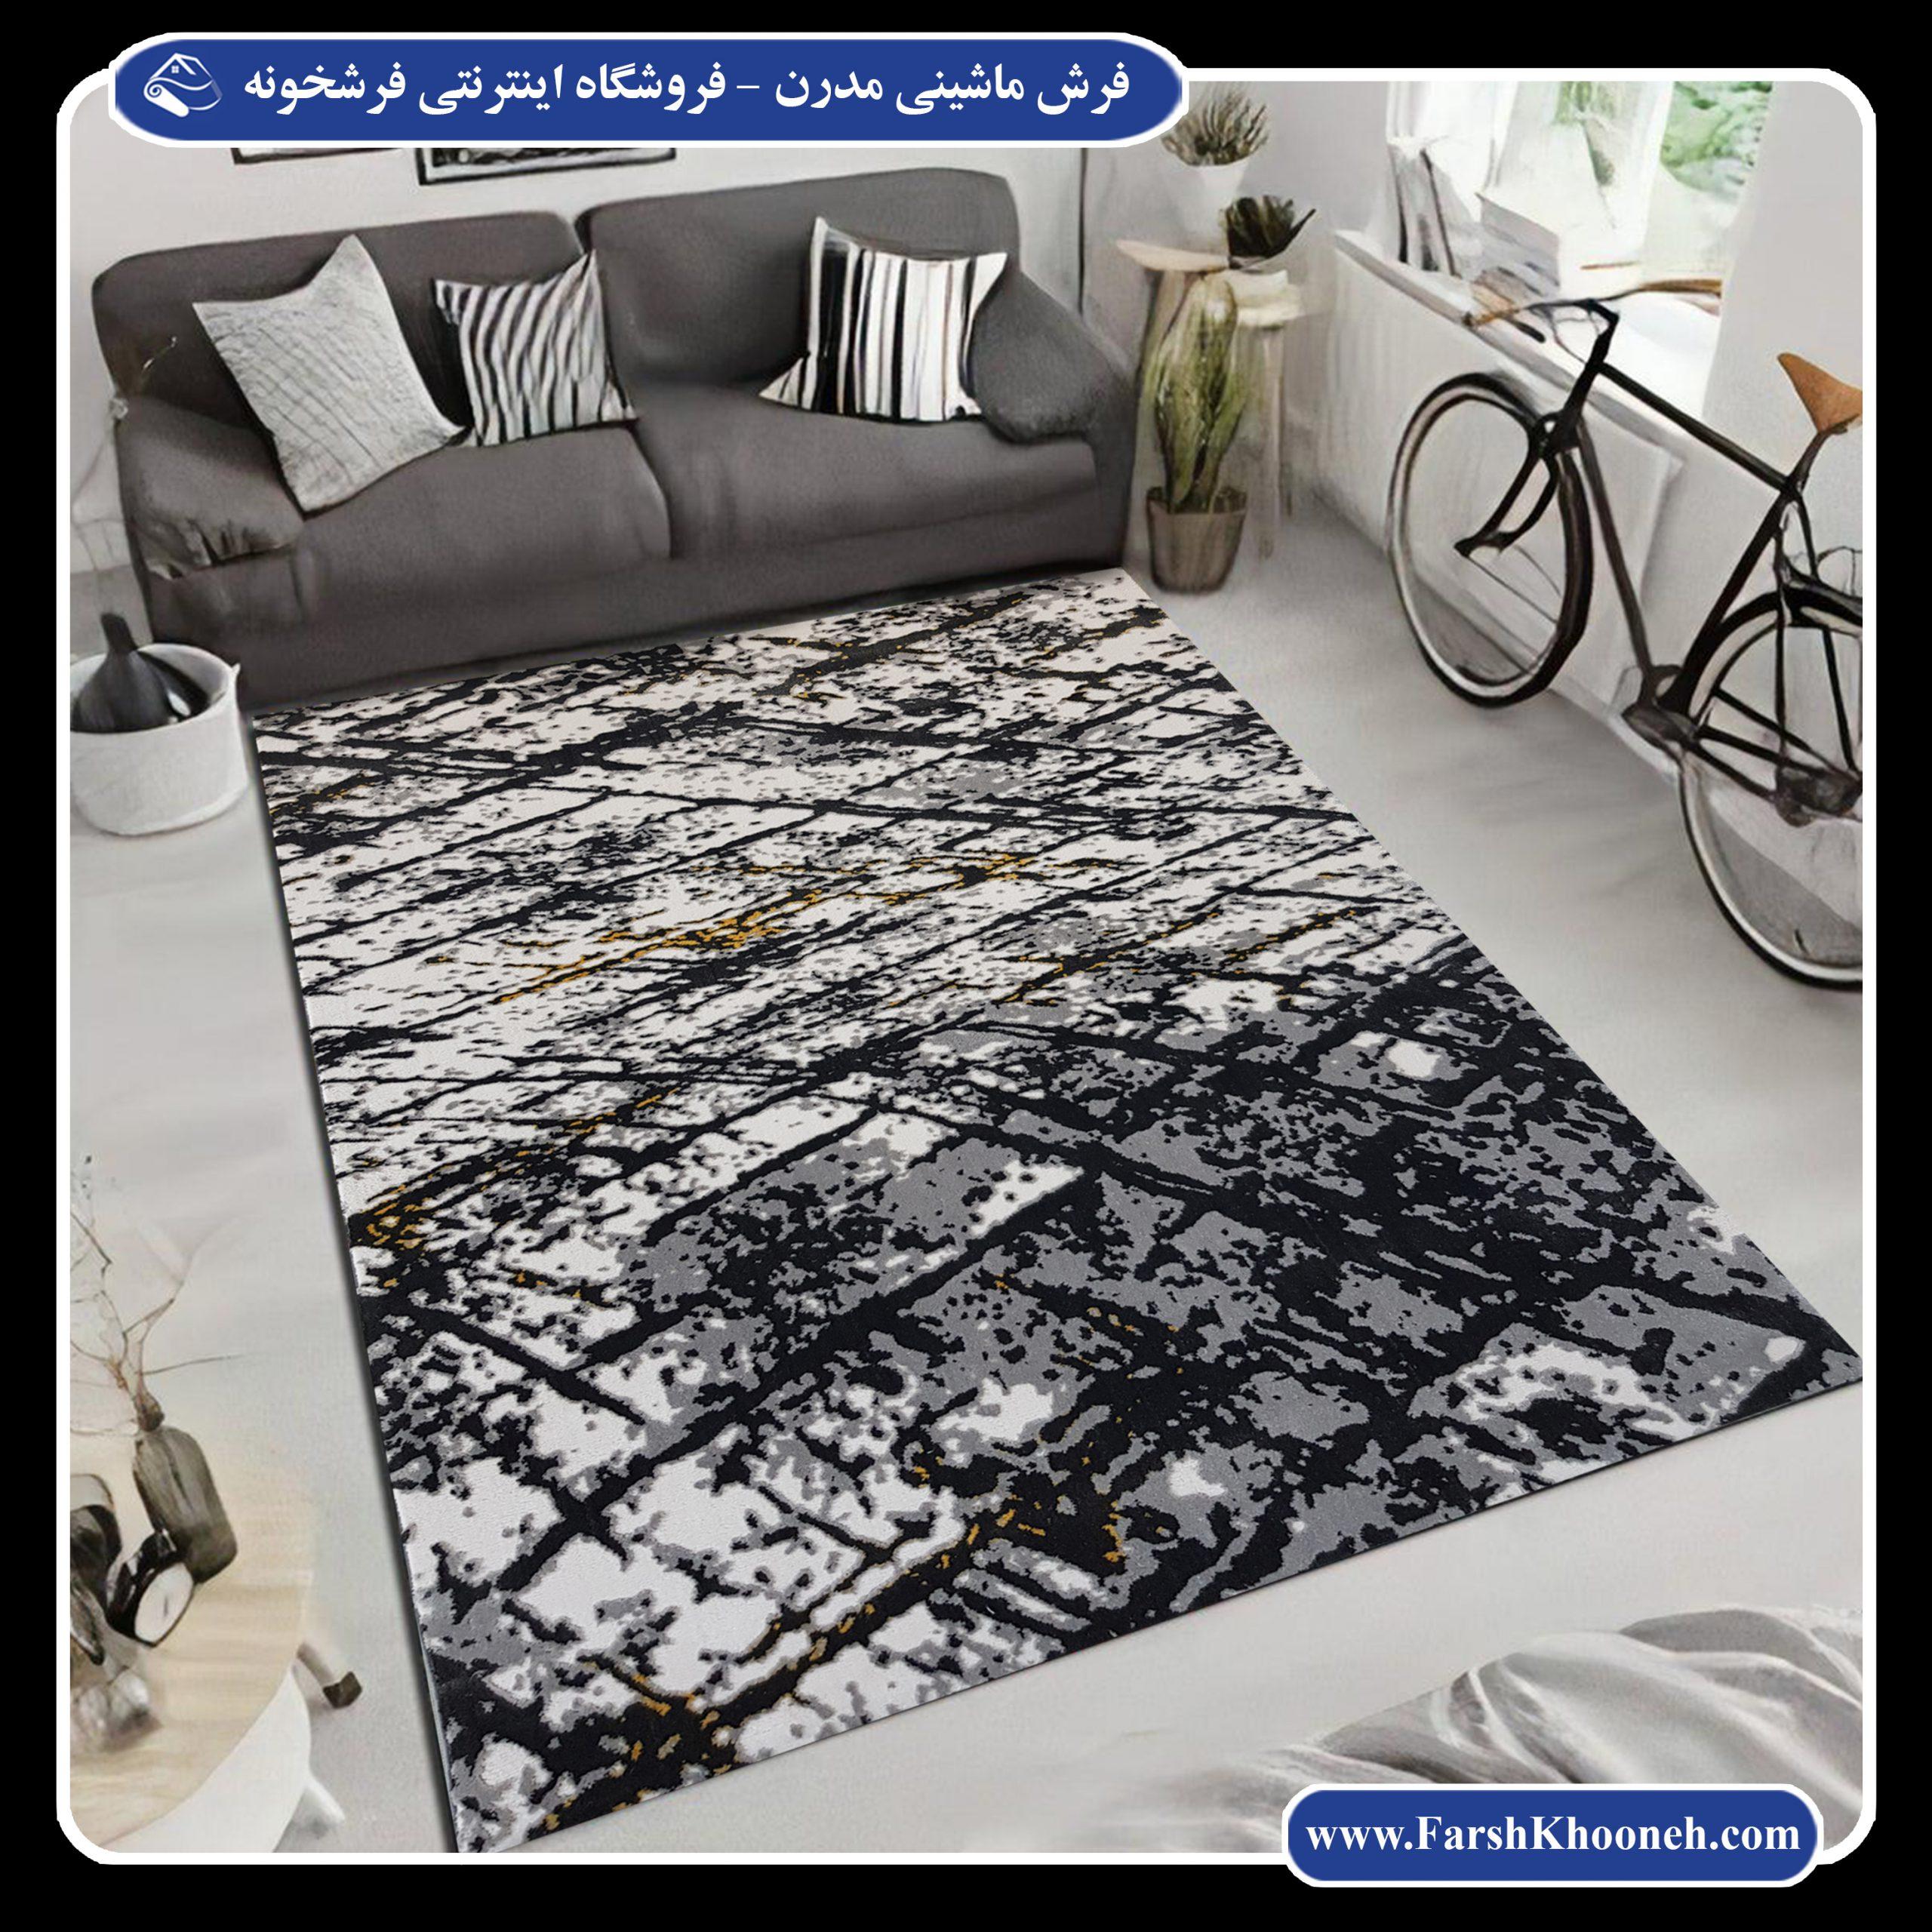 فرش ماشینی طرح مدرن و فانتزی برای اتاق خواب